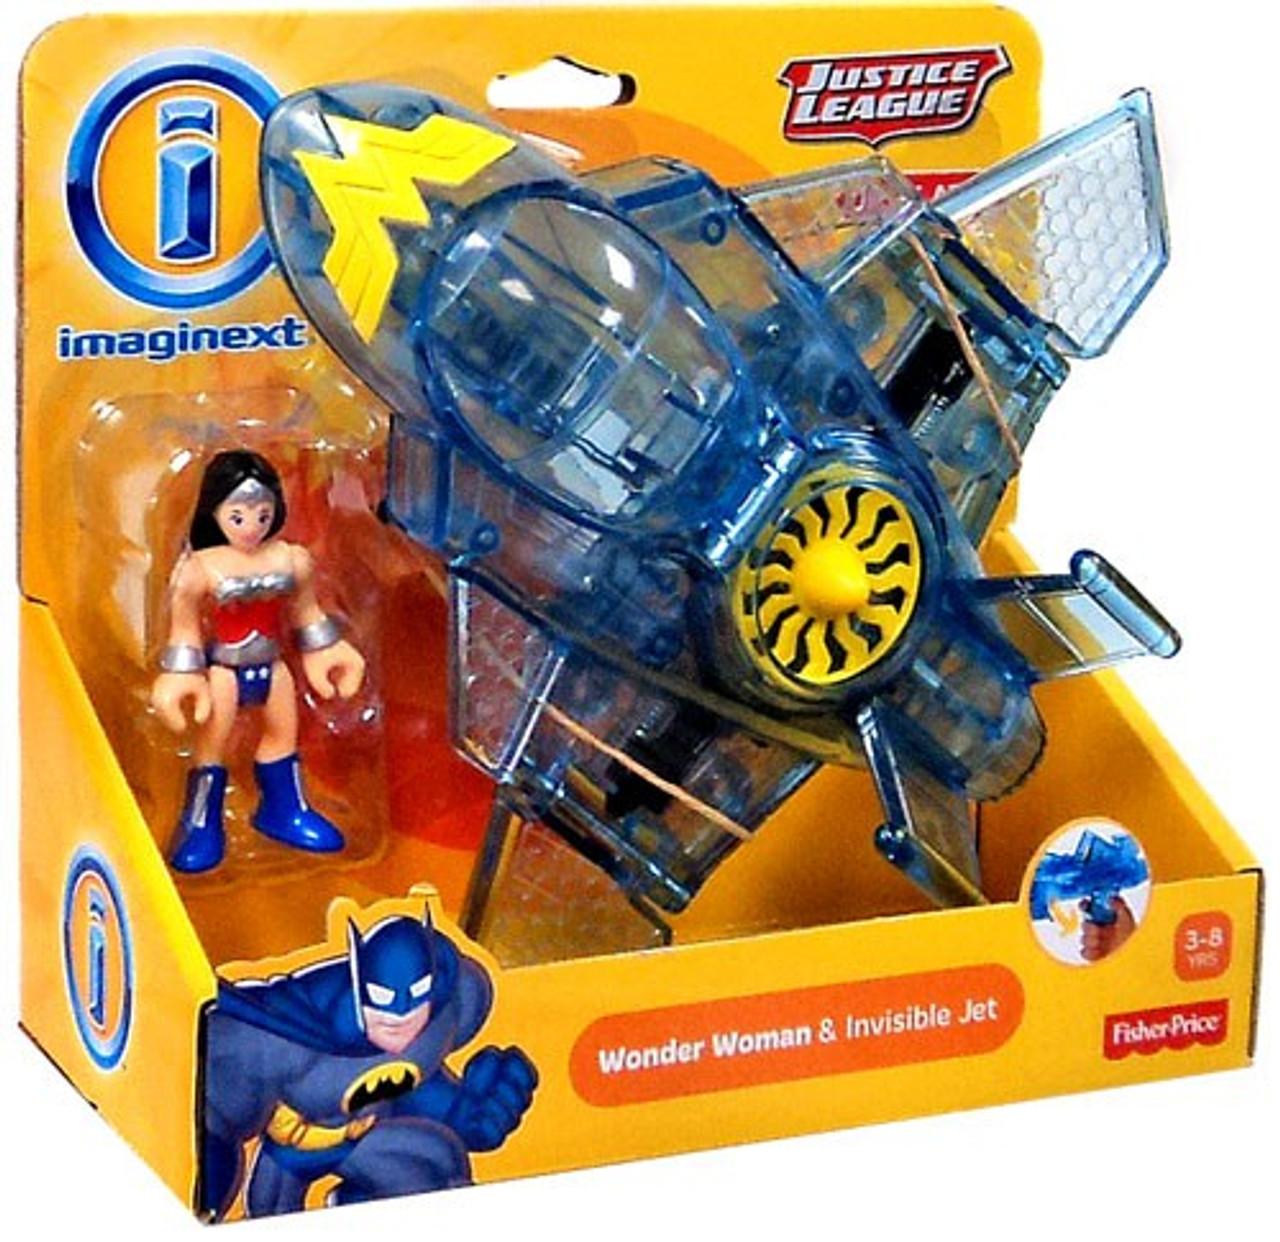 Fisher Price DC Super Friends Justice League Imaginext Wonder Woman & Invisible Jet Exclusive 3-Inch Figure Set [Original Version]